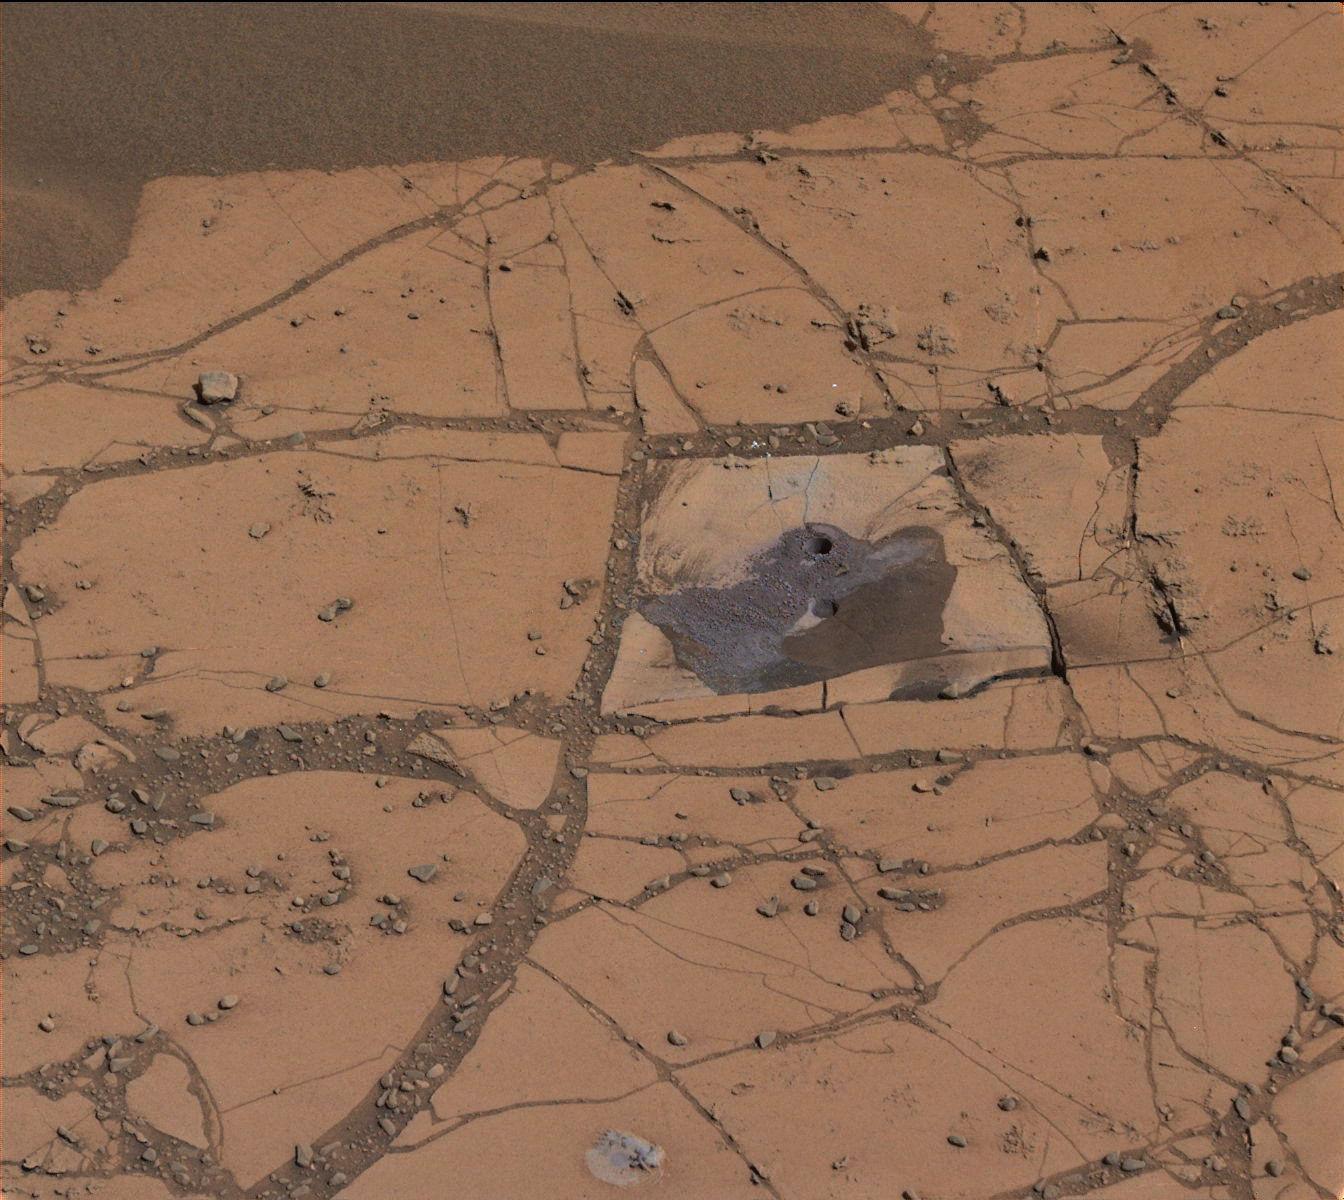 Марсоход Curiosity подтвердил наличие минерала железа в обнажении пород